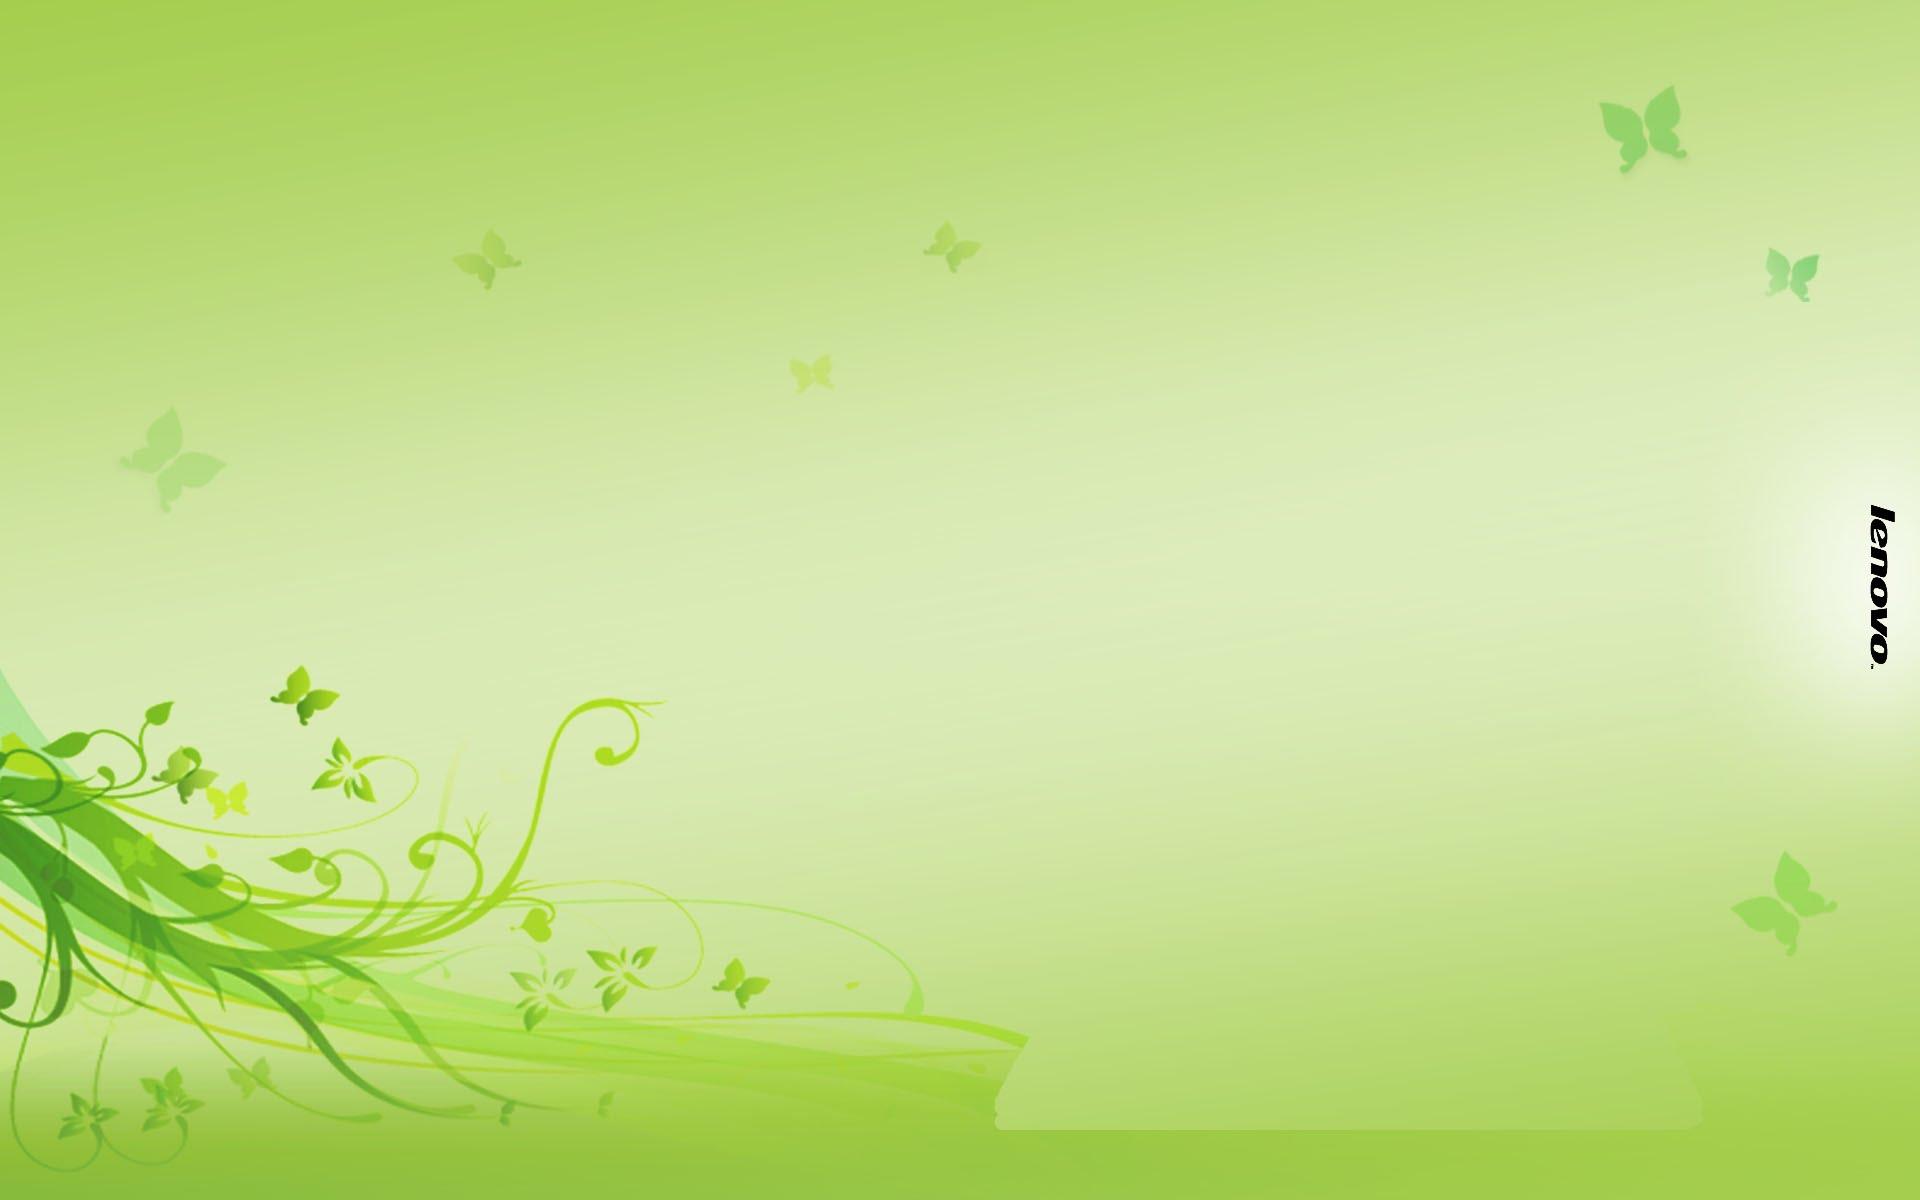 Free 3d Butterfly Desktop Wallpaper Hd Lenovo Thinkpad Backgrounds Pixelstalk Net